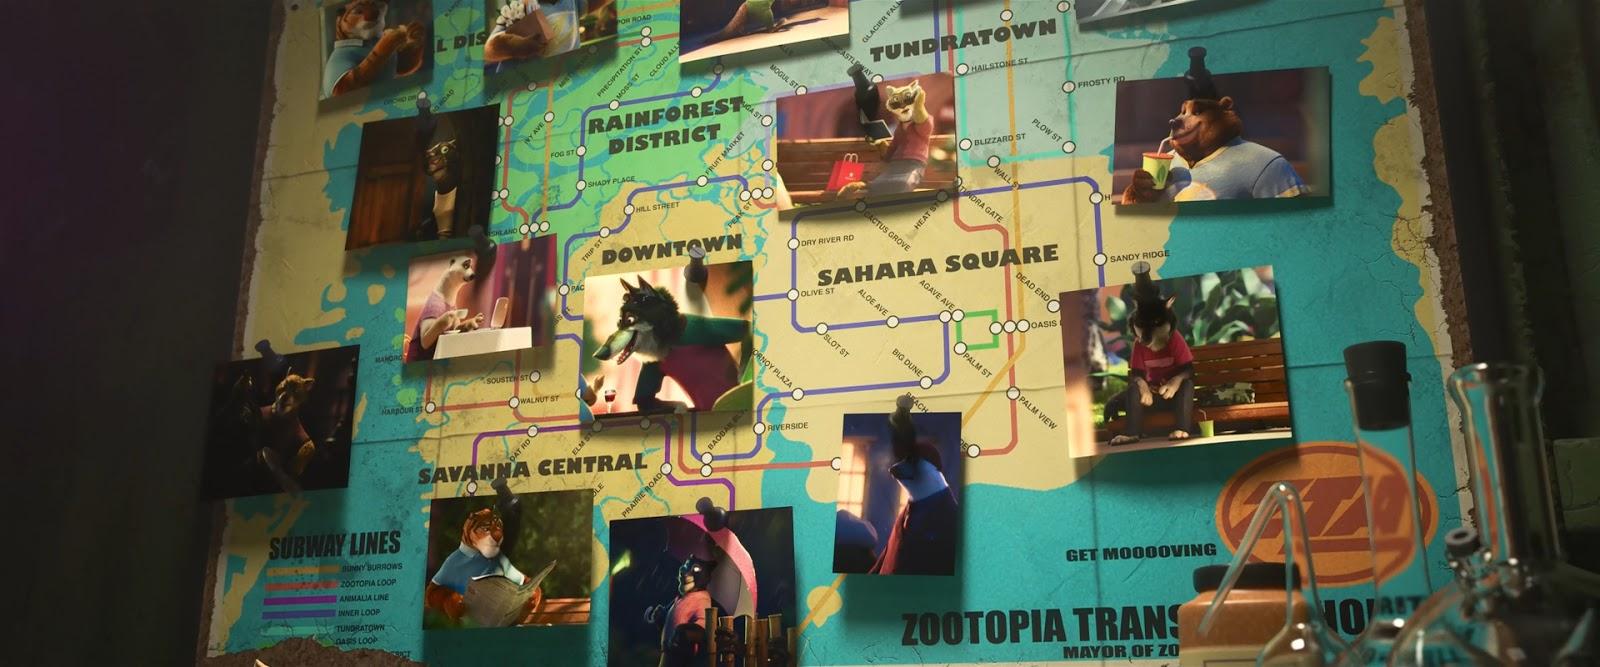 Zootopia-1-24-41-505.jpg